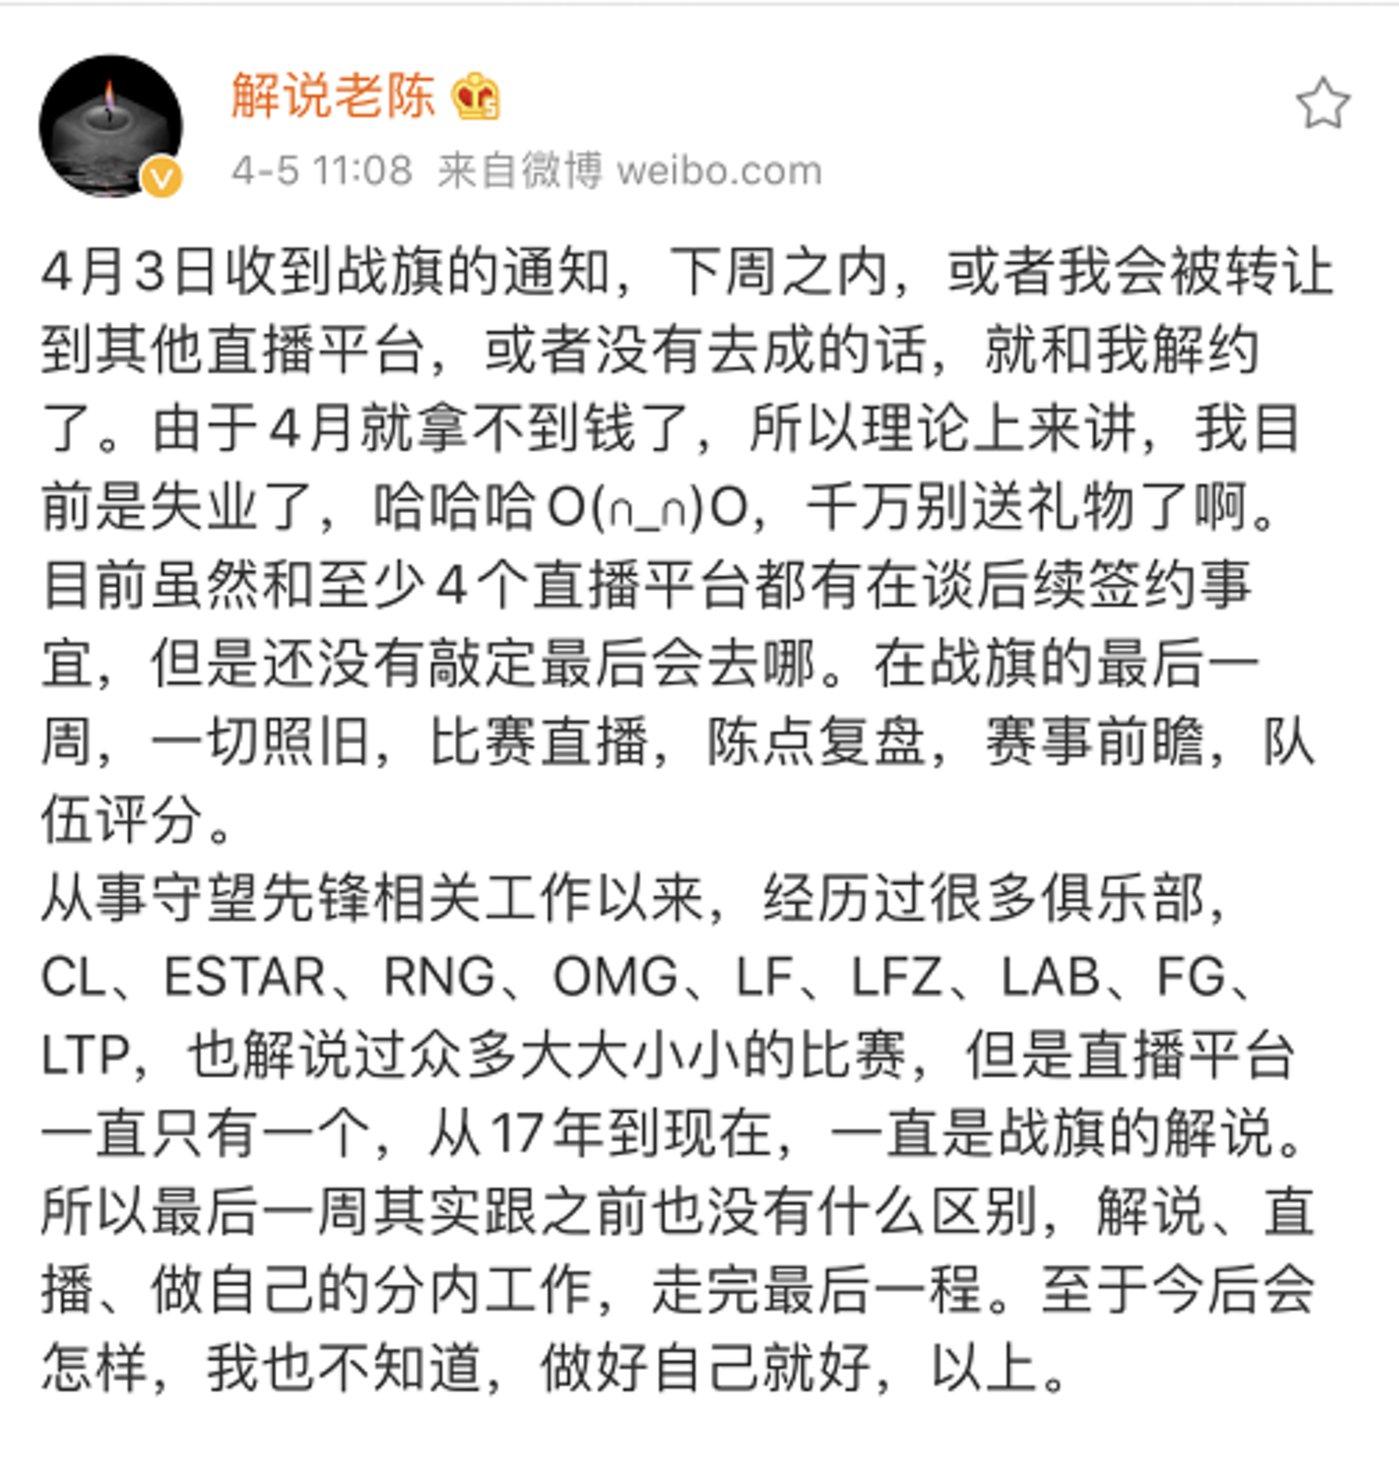 战旗步全民、熊猫TV后尘?腰部游玩直播求生法则